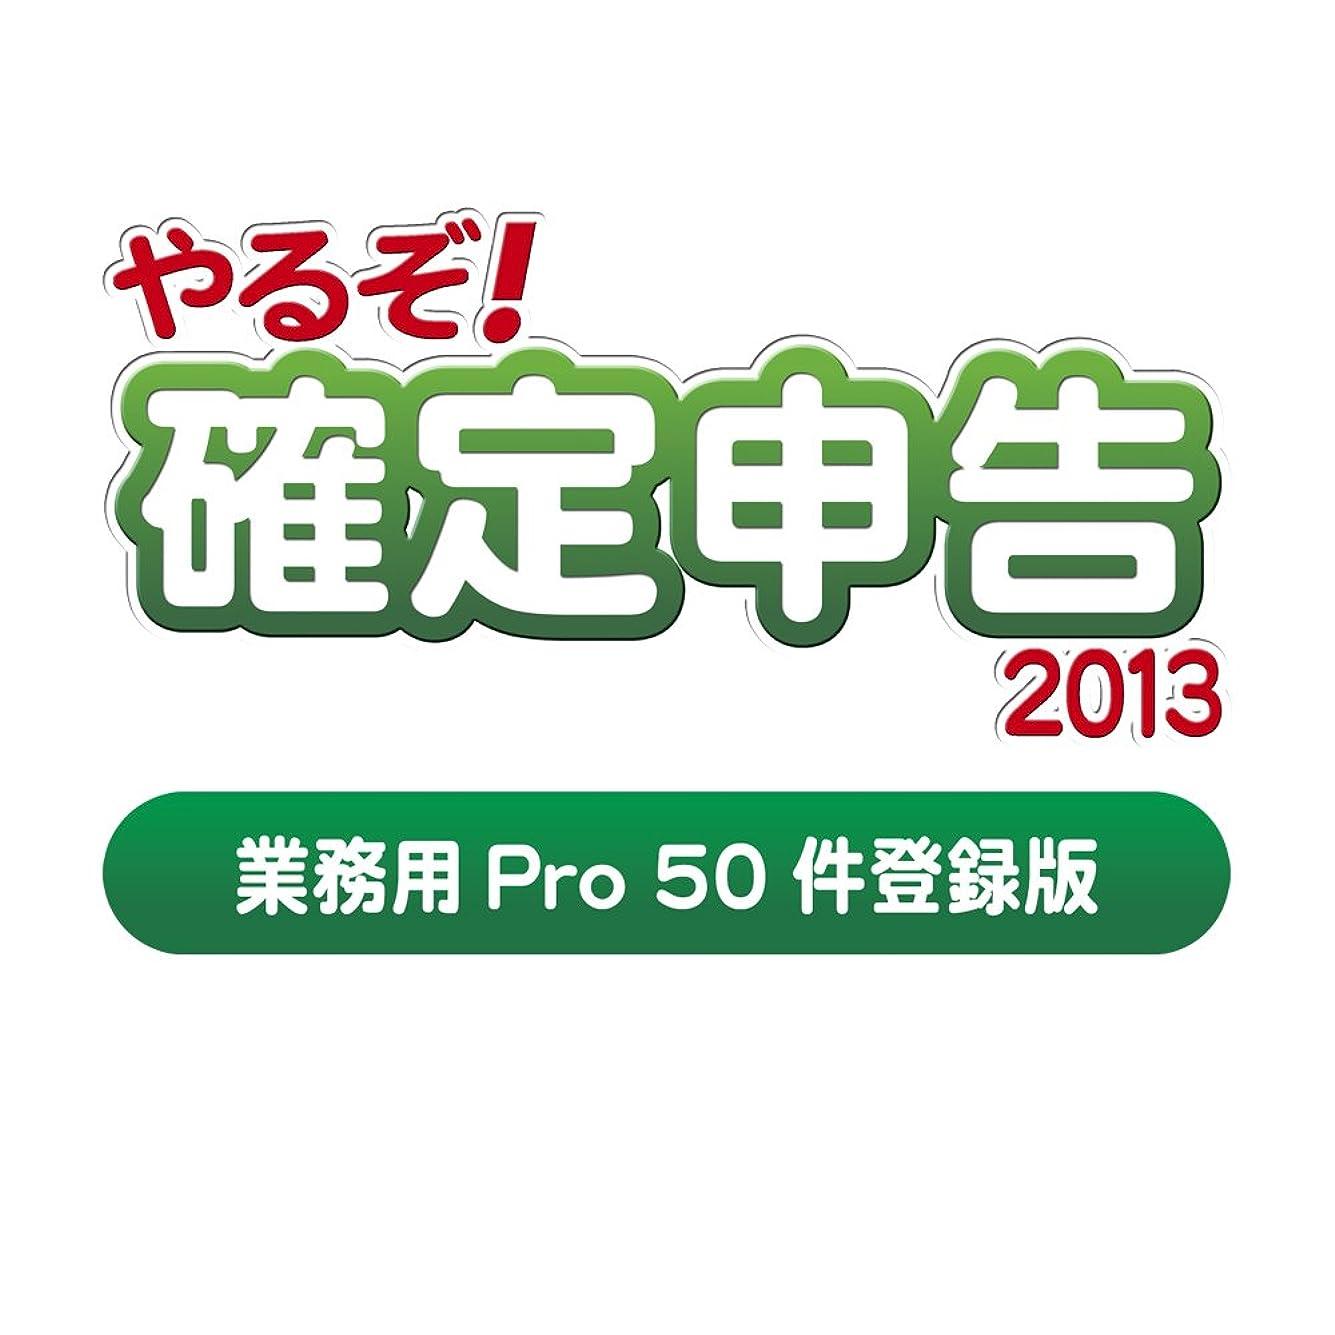 二度周囲前提やるぞ! 確定申告2013 業務用Pro 50件登録版 for Win&Mac(2014年版への無償バージョンアップシール付)